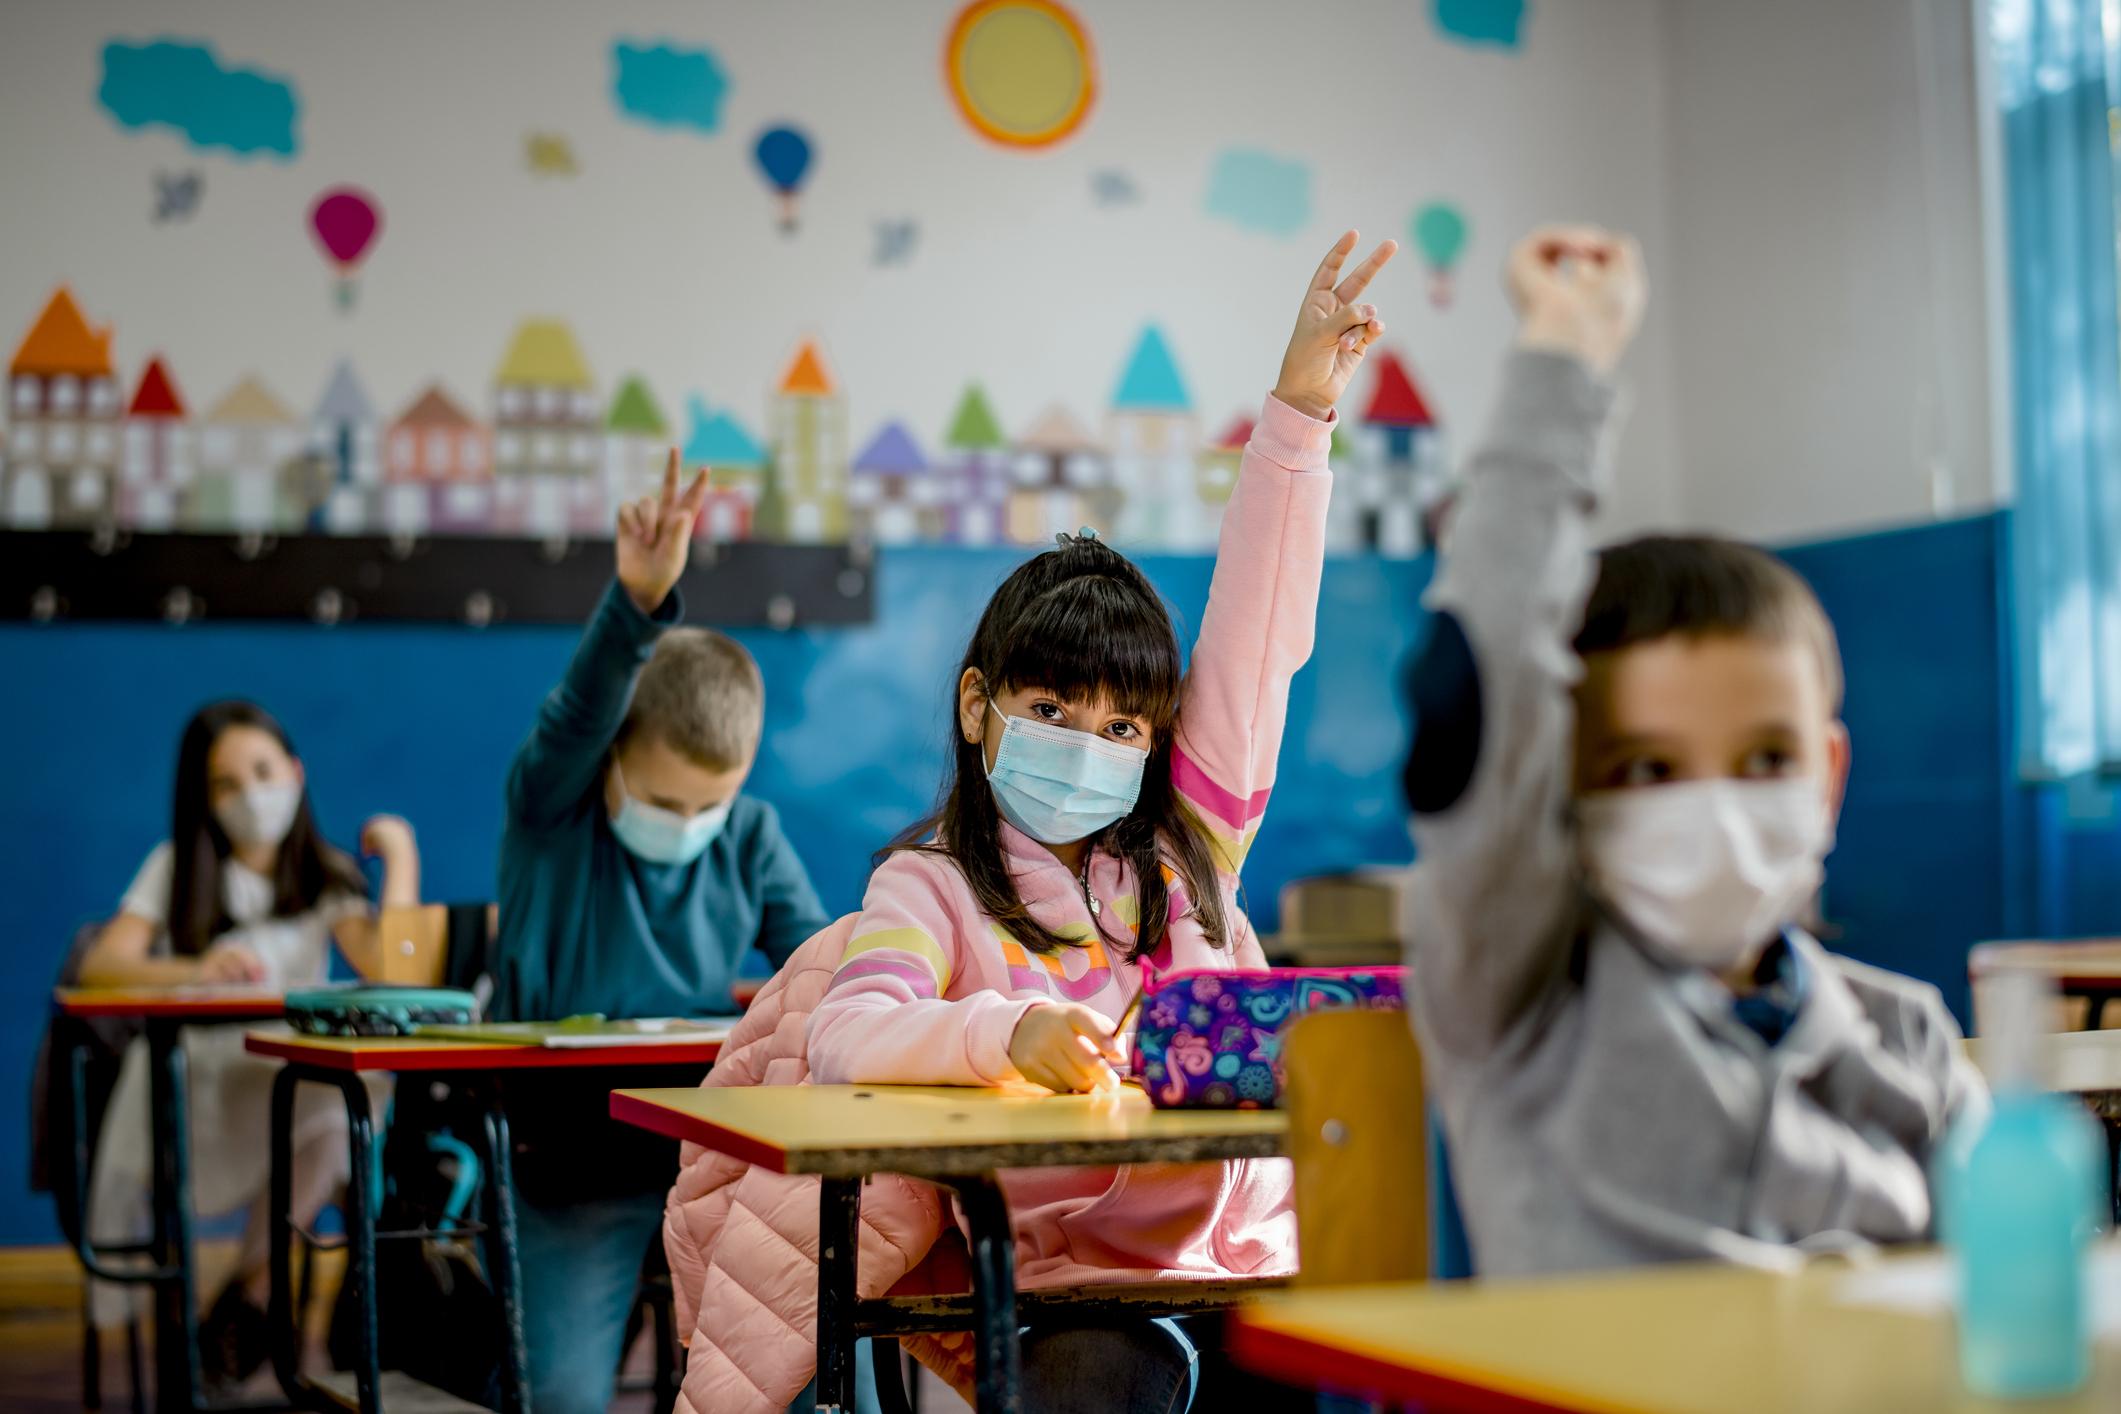 A gyerekek keveset vagy semmit nem tanultak az iskolák bezárása idején